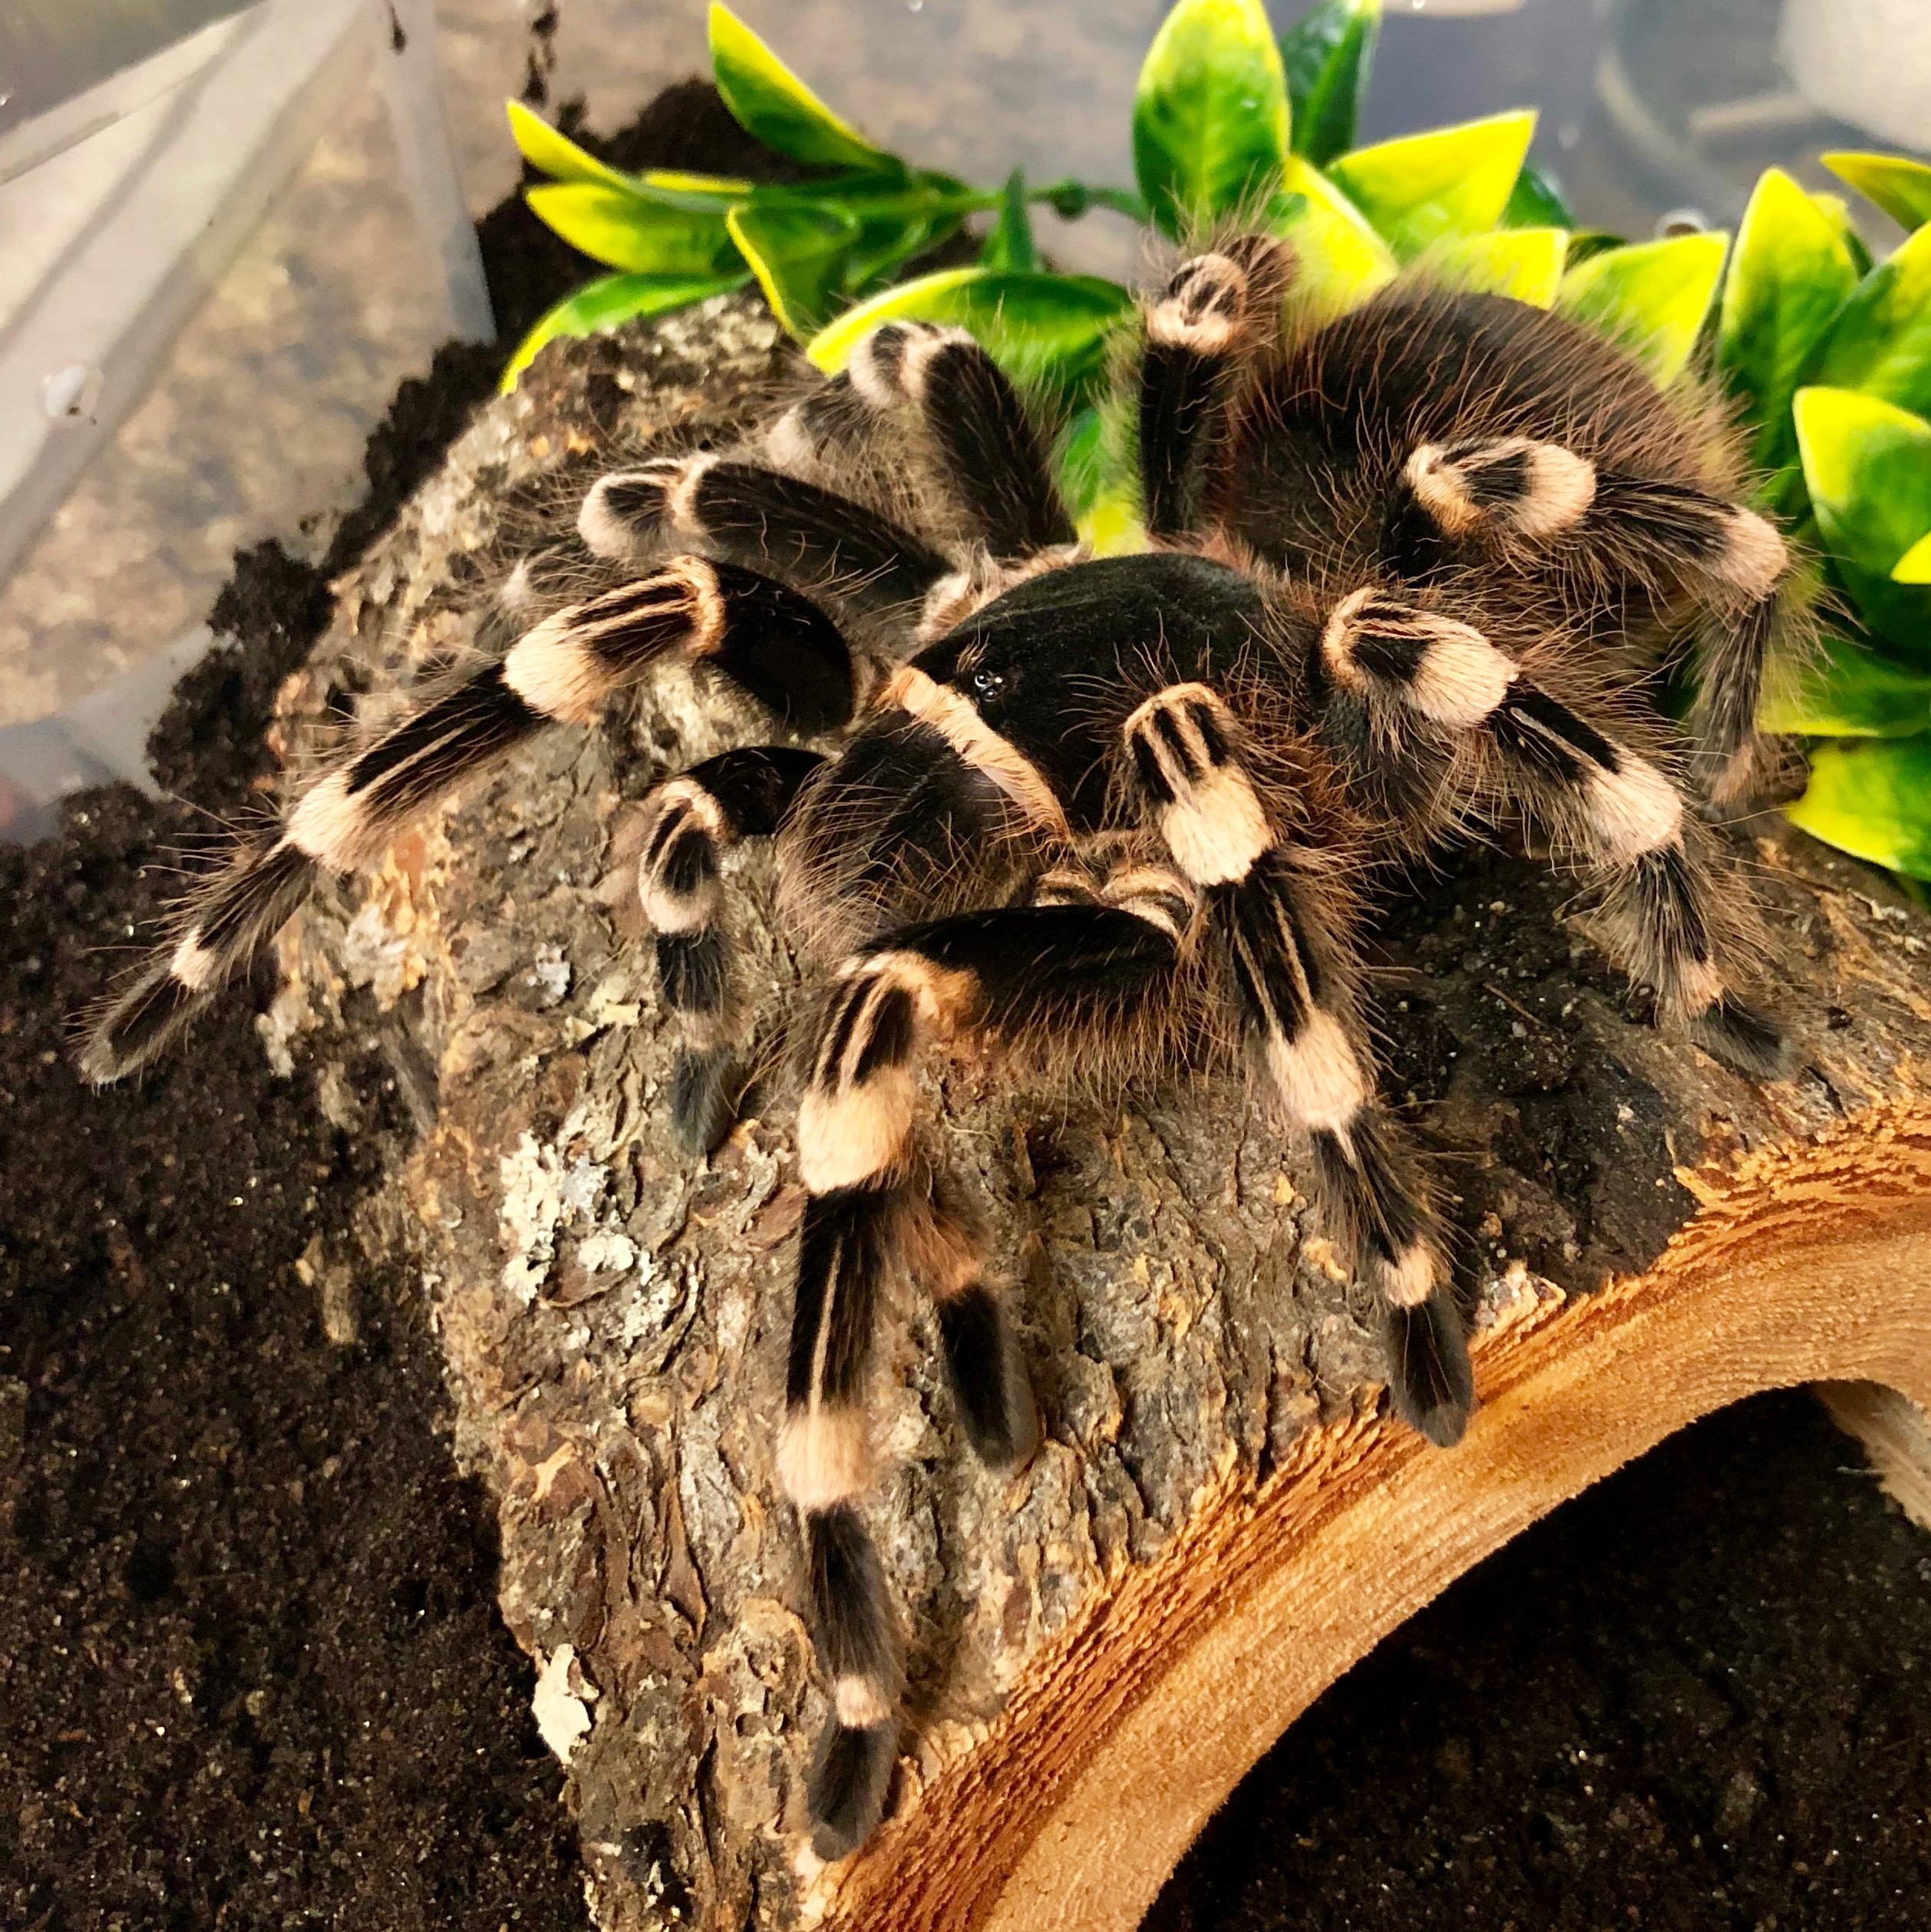 Acanthoscurria geniculata, Brazilian giant whiteknee tarantula